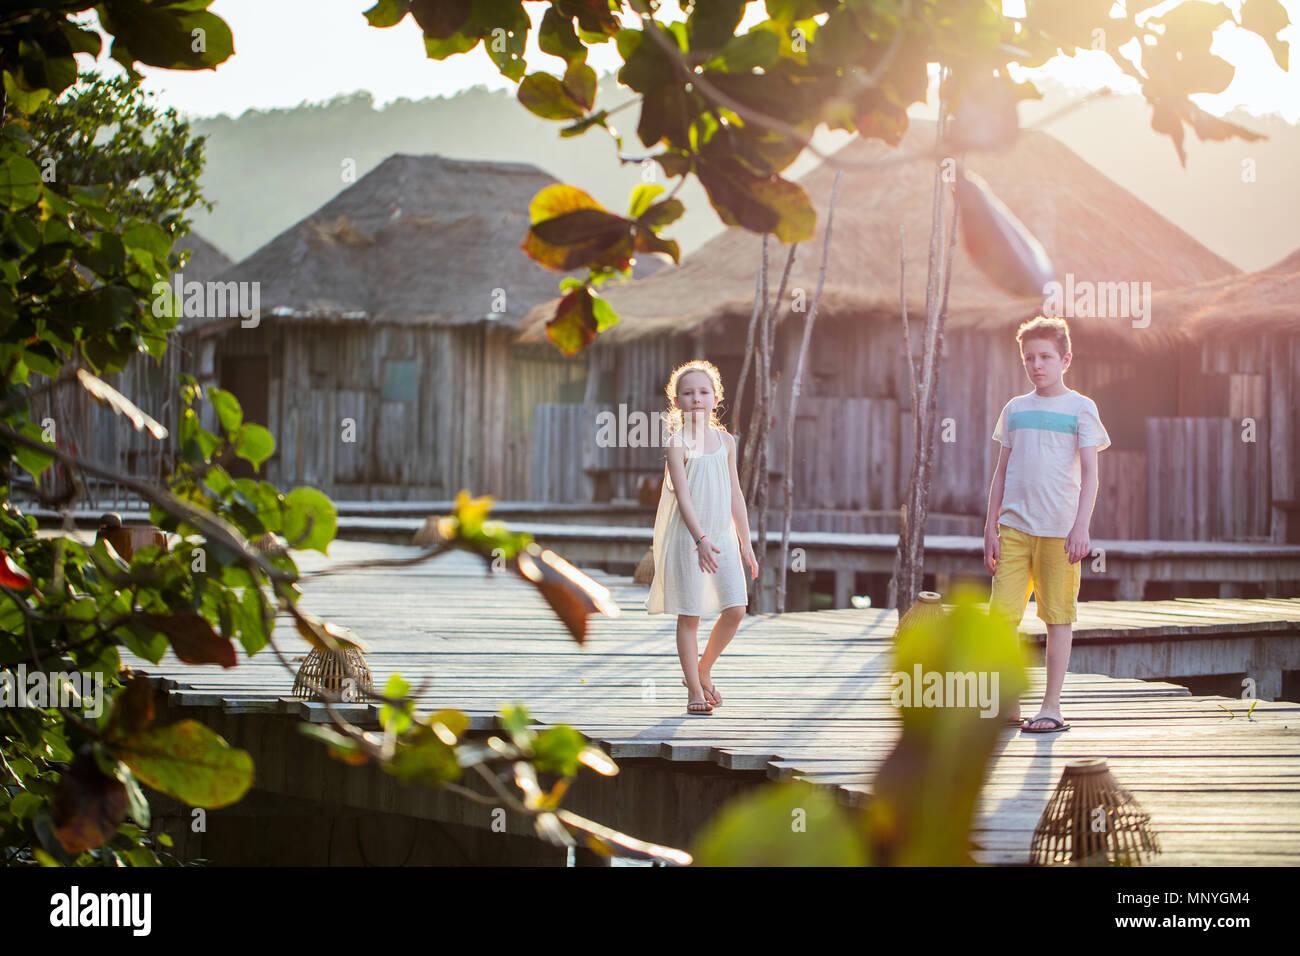 Les jeunes frère et sœur marche sur la passerelle en bois pendant les vacances d'été à luxury resort Photo Stock